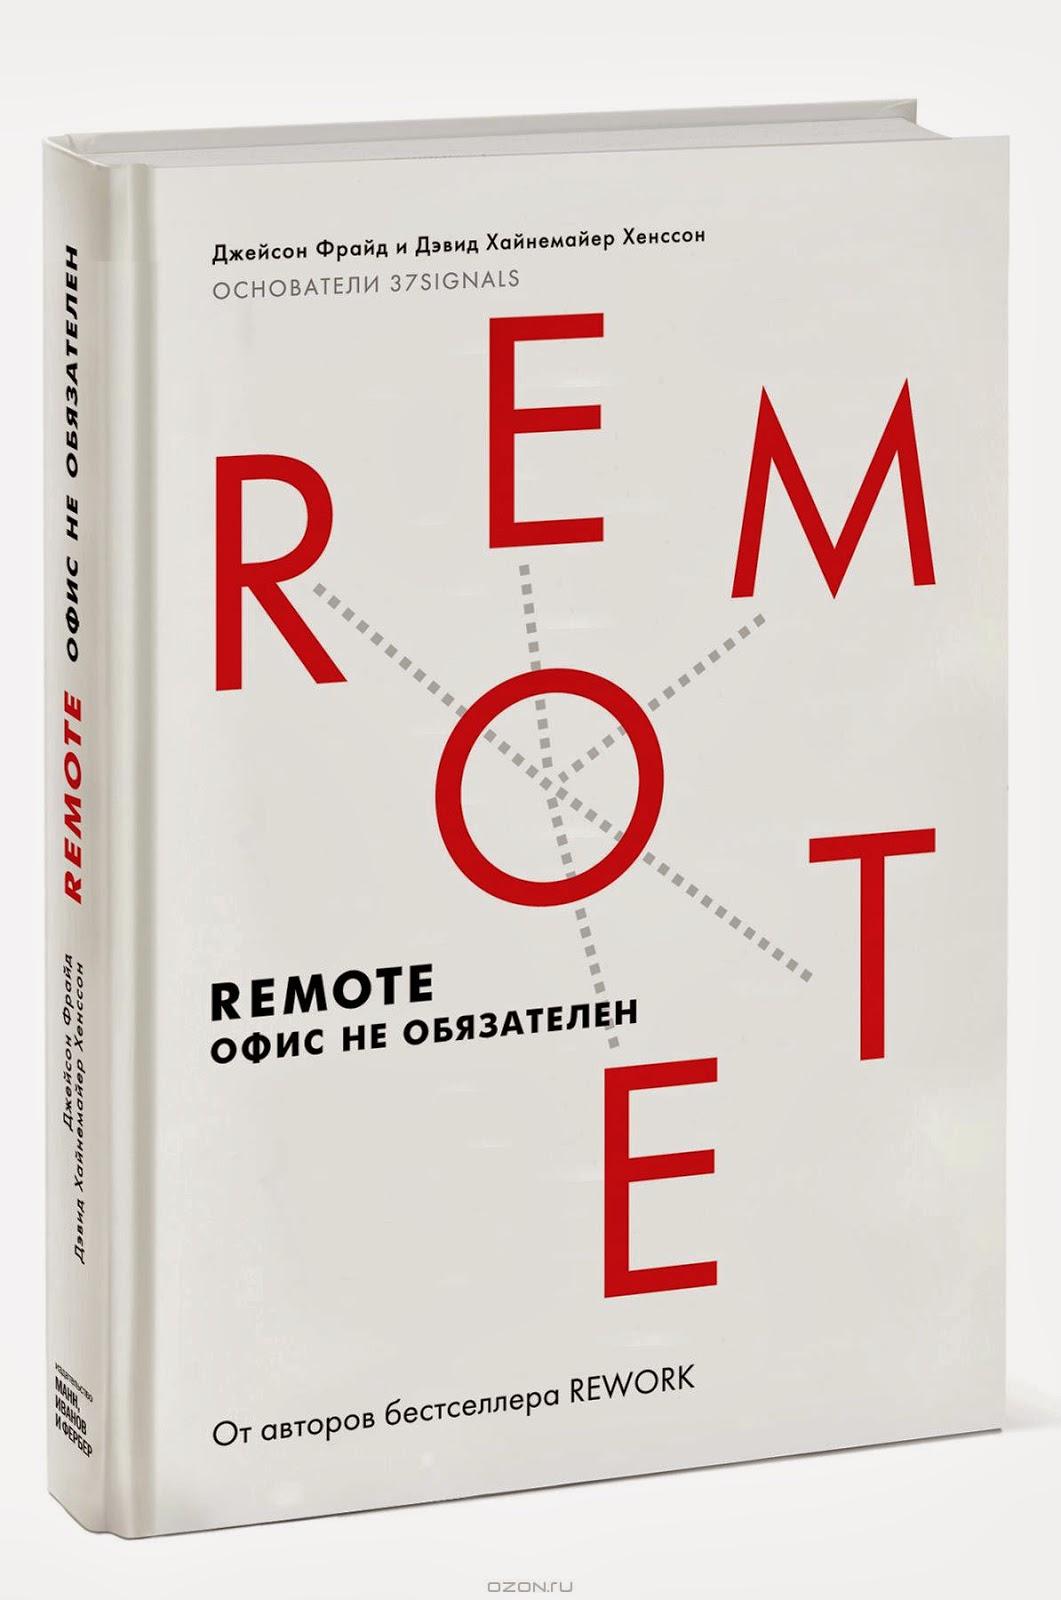 Книга: Remote